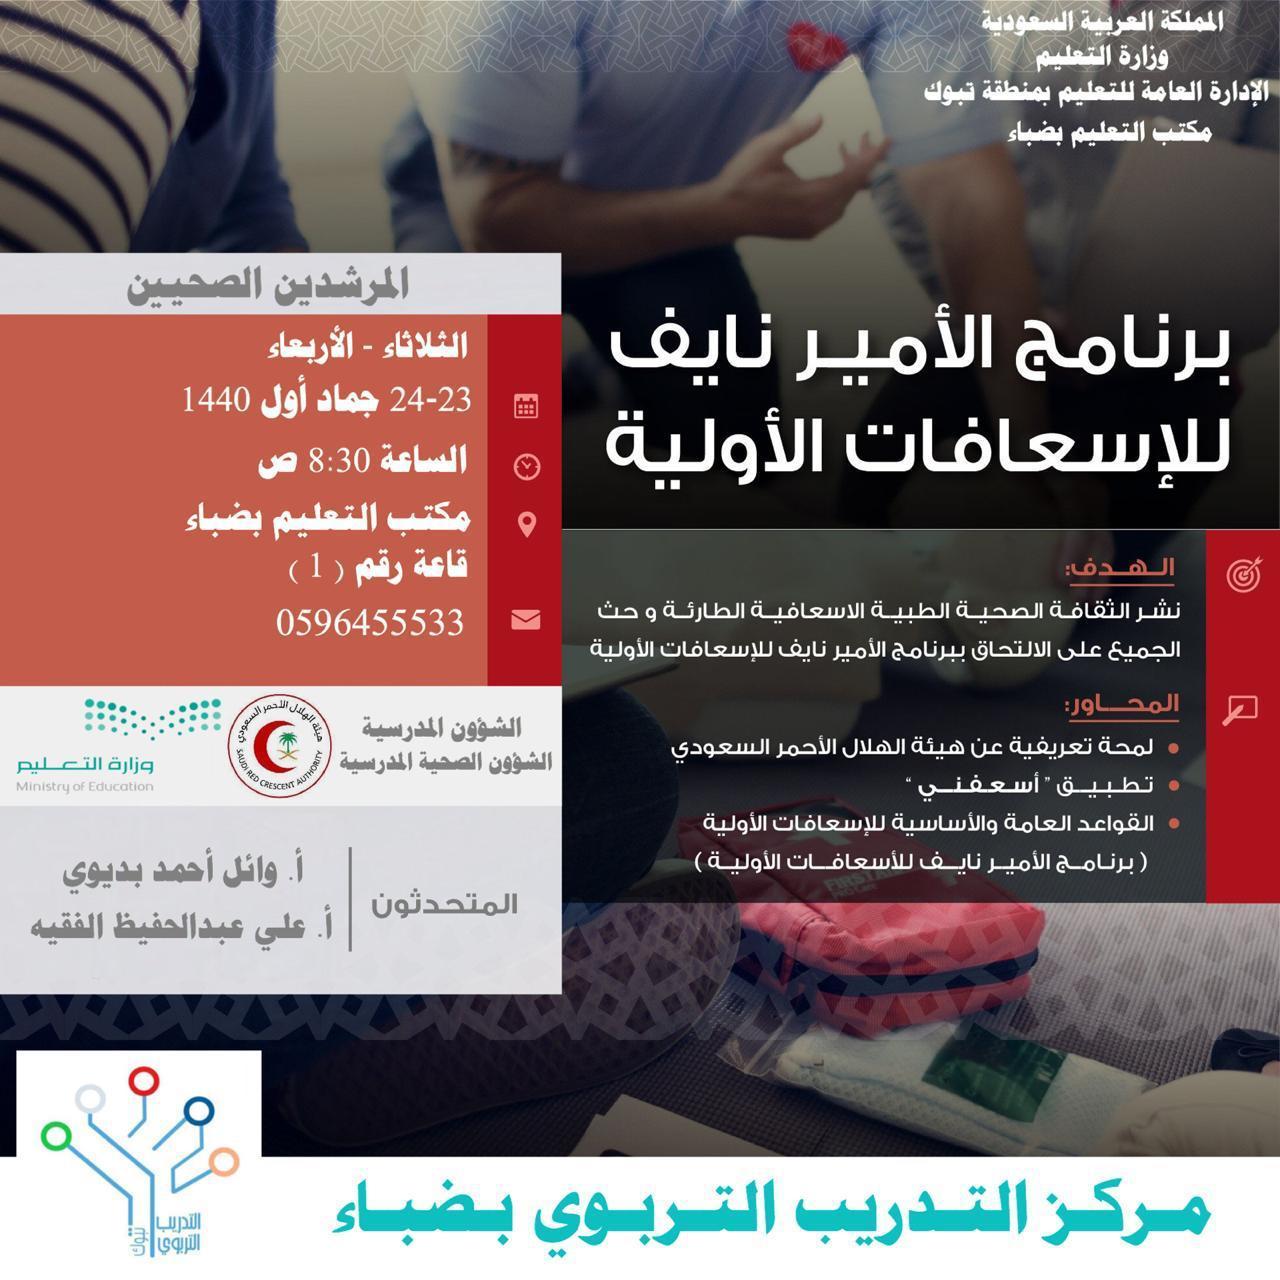 25 مرشد صحي في برنامج الأمير نايف للإسعافات الأولية بضباء